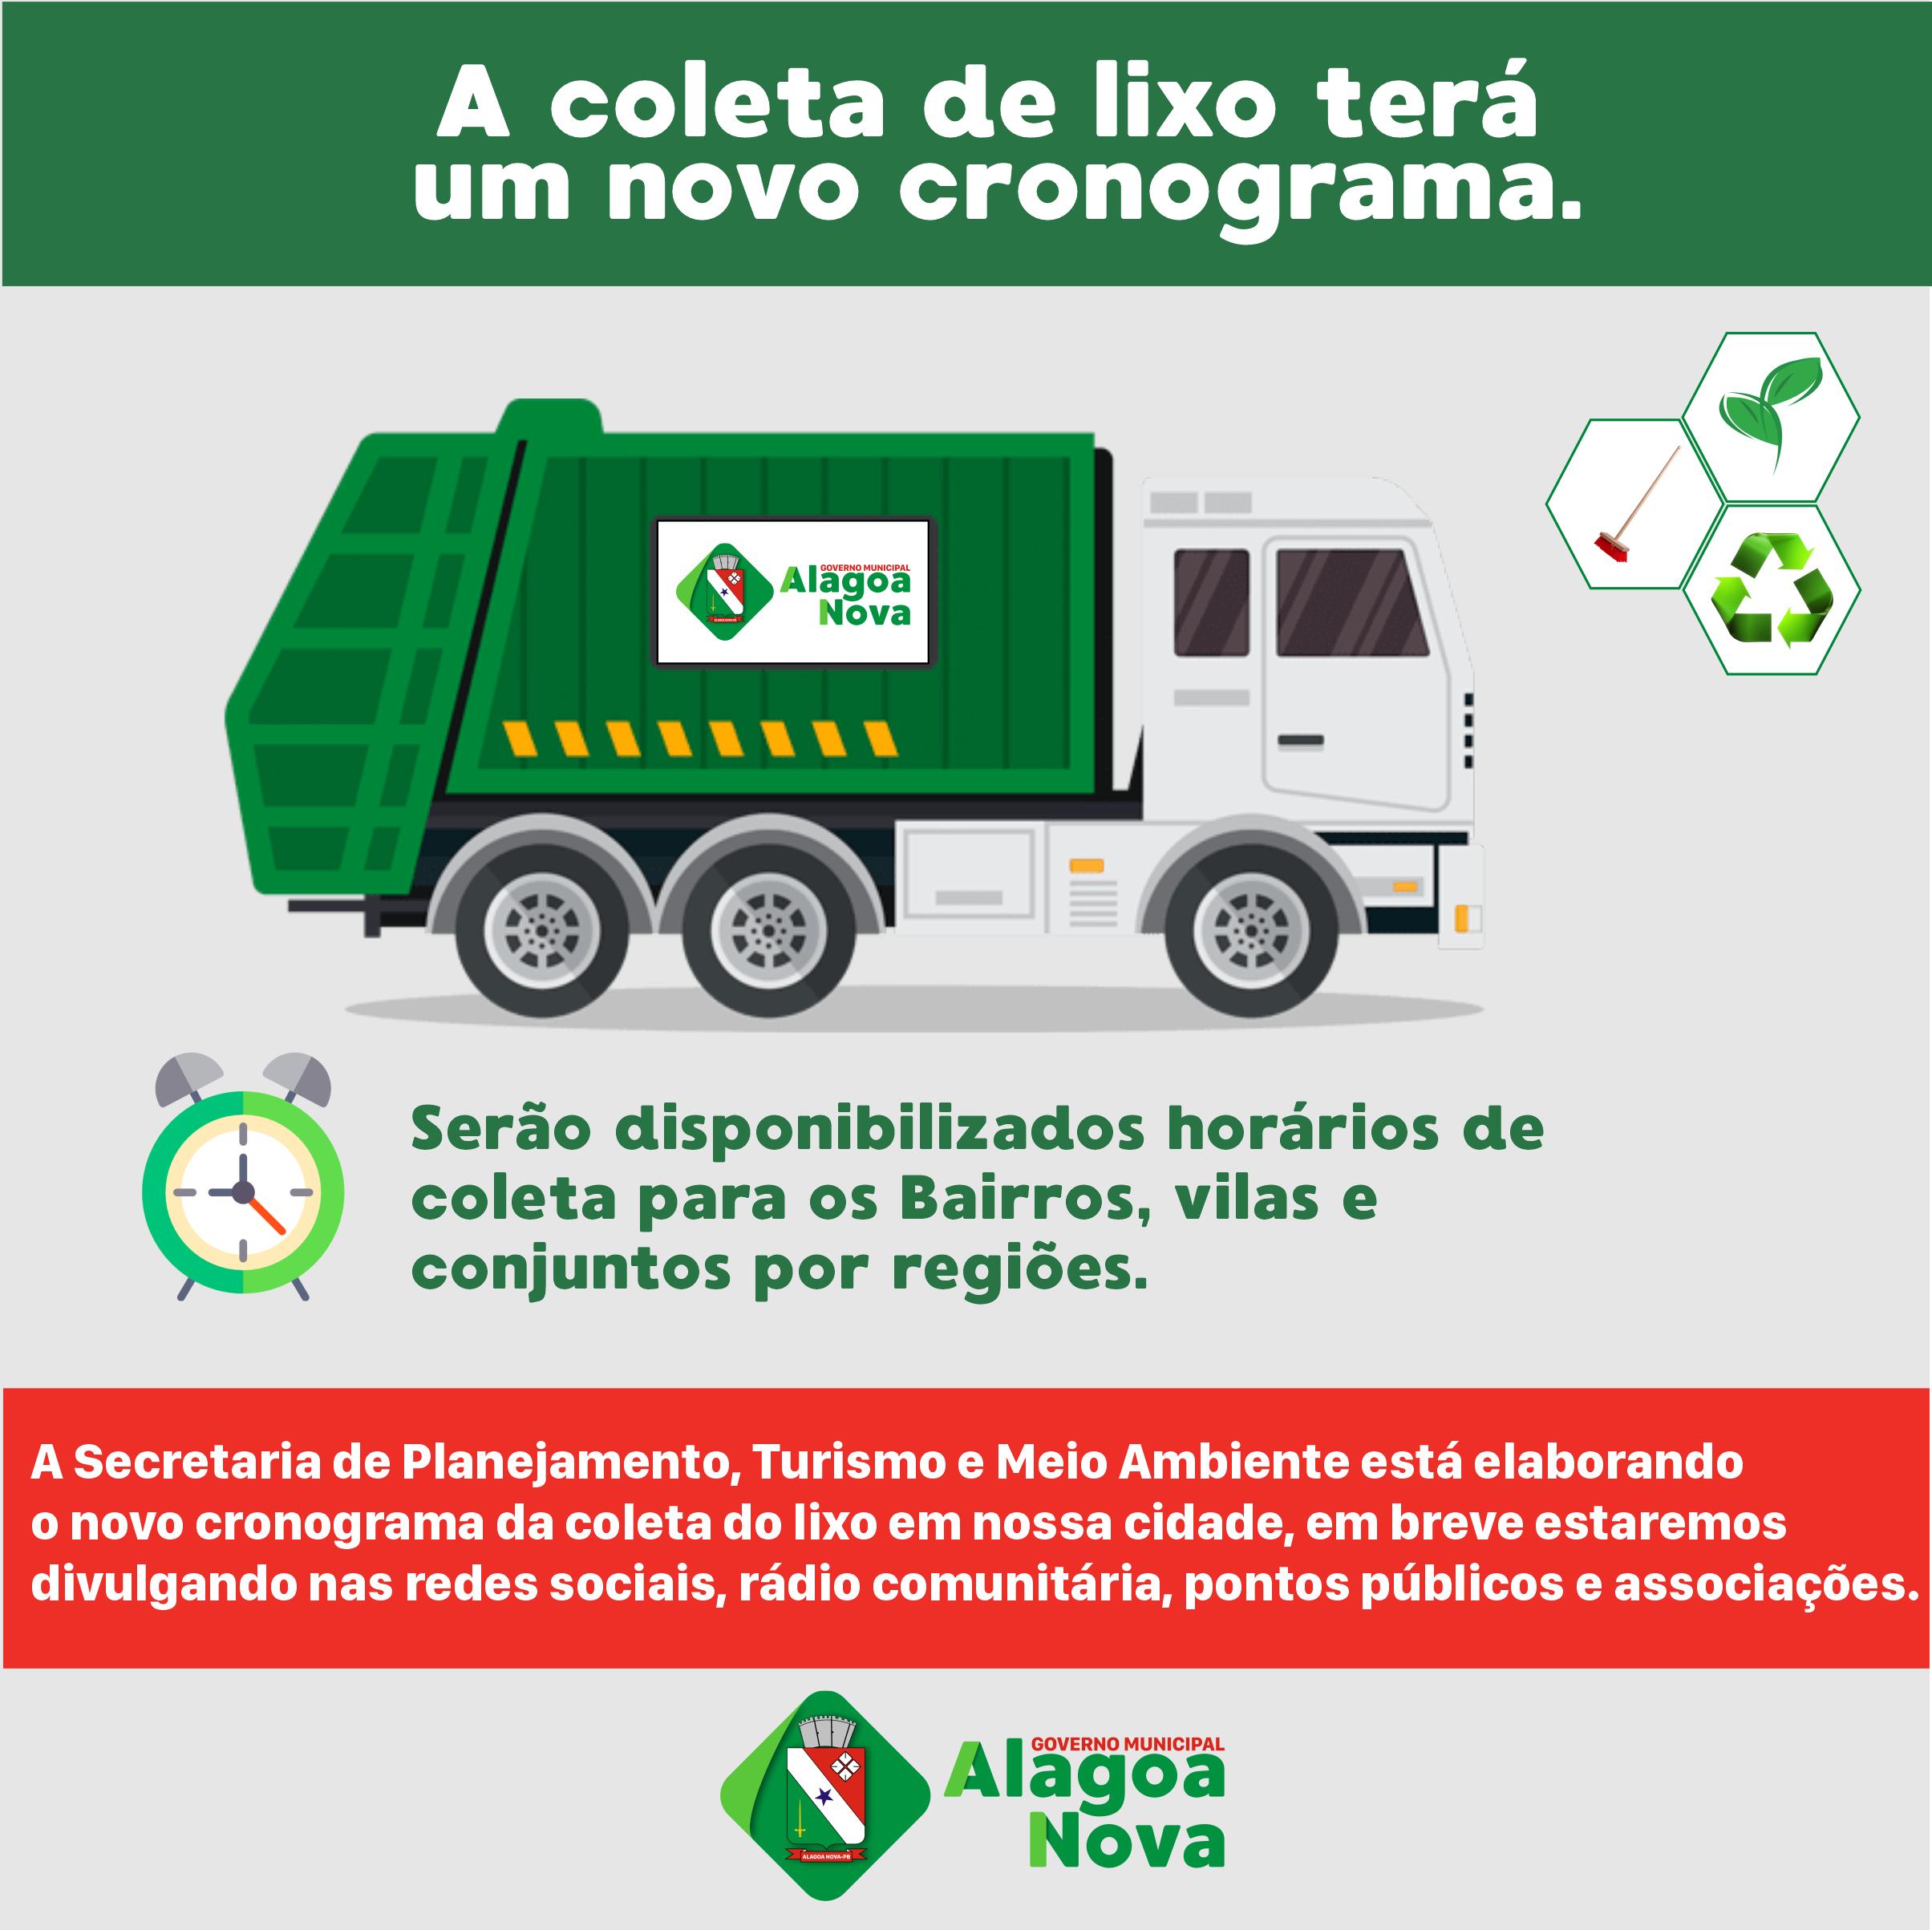 Secretaria de Planejamento está elaborando um novo cronograma da coleta do lixo